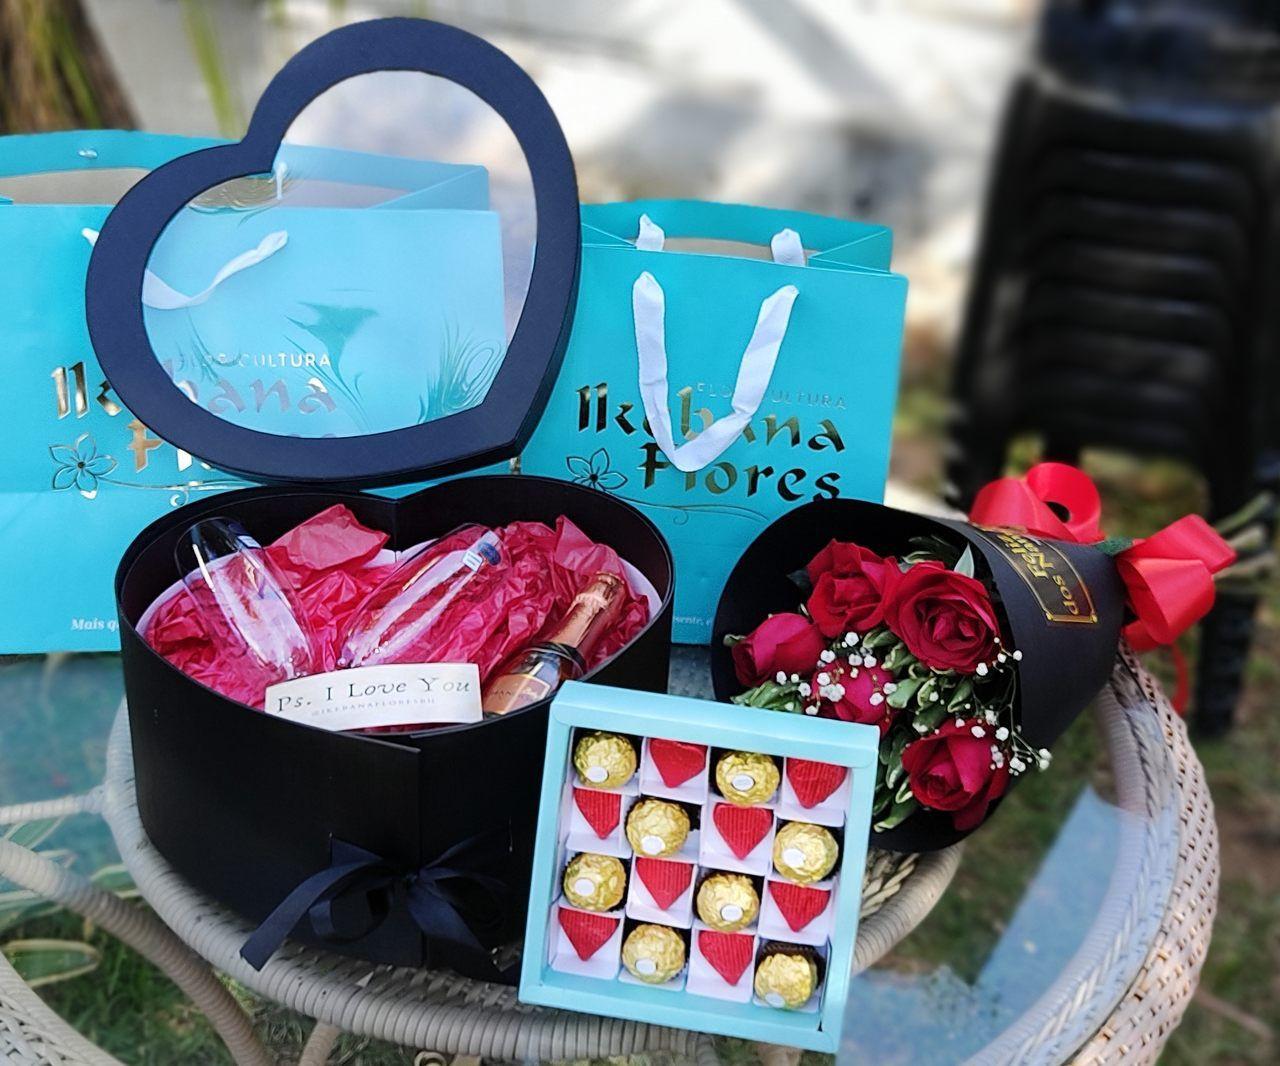 Kit com chocolates, chandon e flores para toda Belo Horizonte